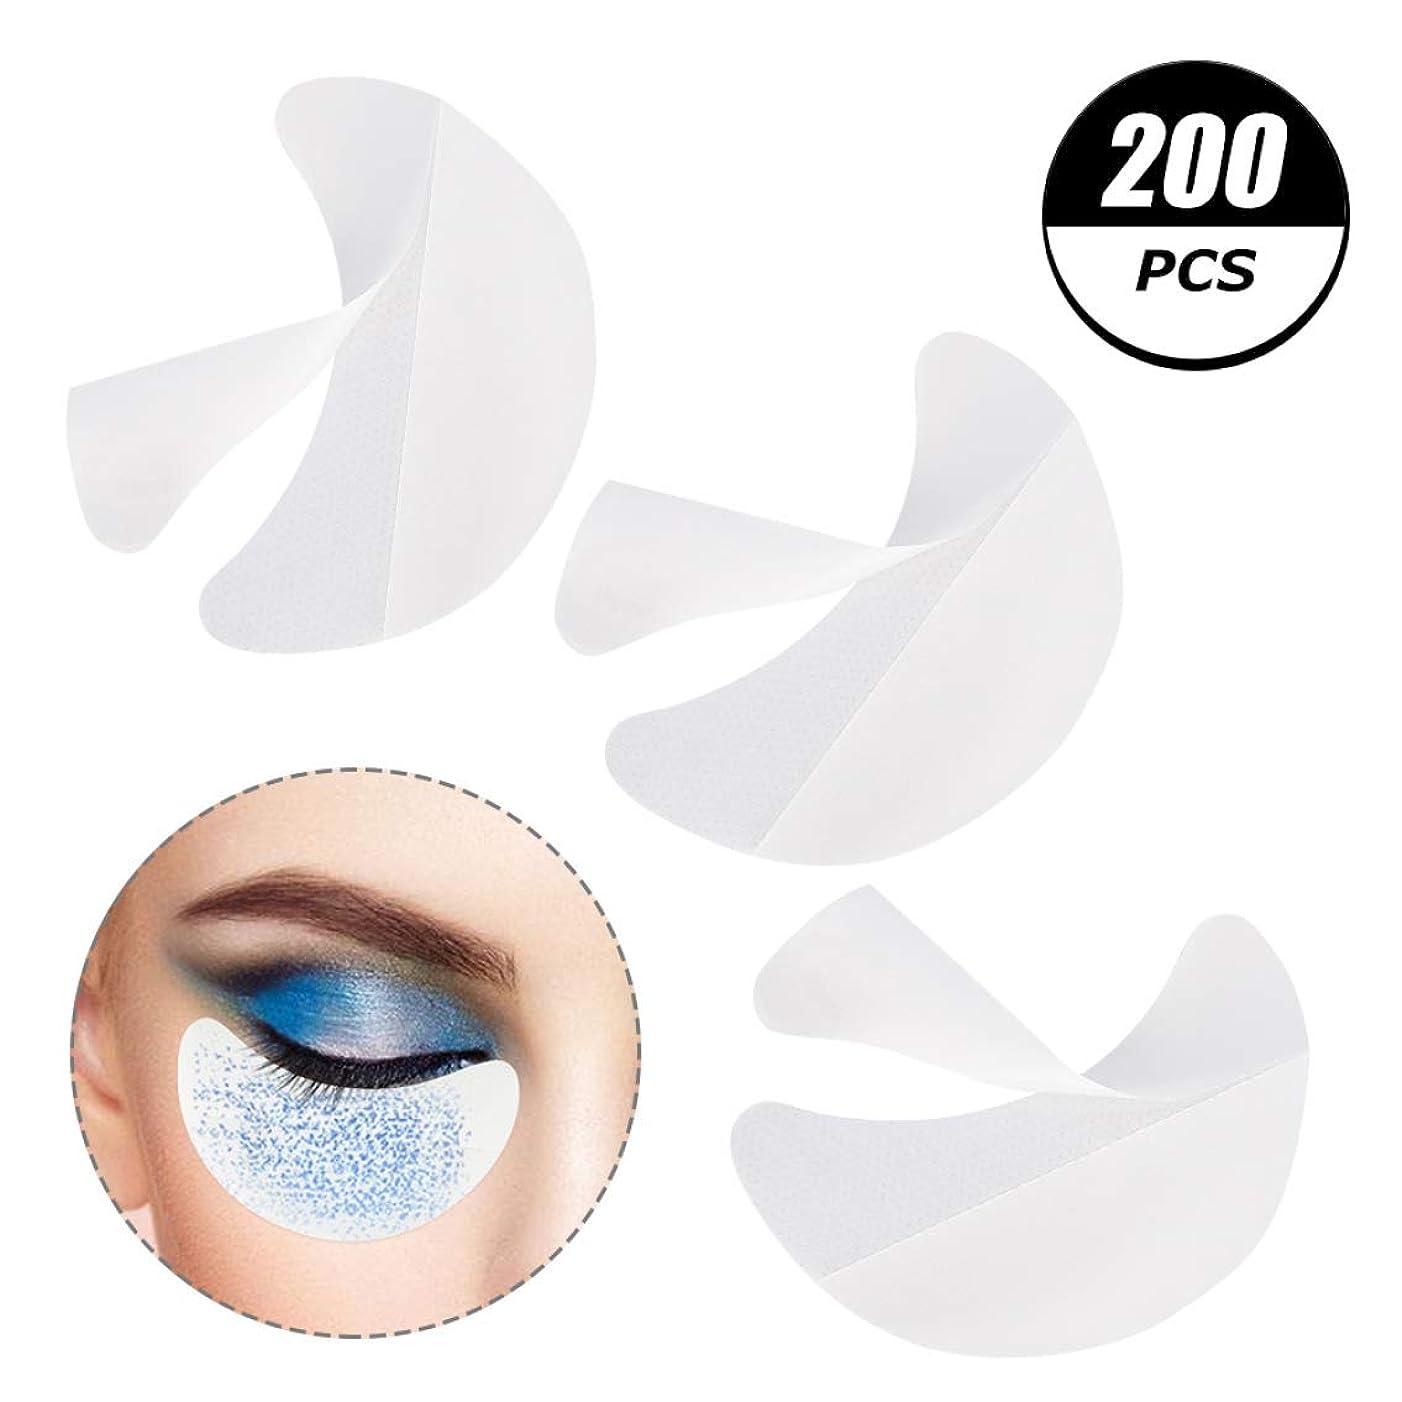 解釈するなに住人Quzama-JS アイシャドー拡大、色合いと唇化粧残渣化粧品ツールを防止するためにアイシャドーシールドアイシャドーステンシル